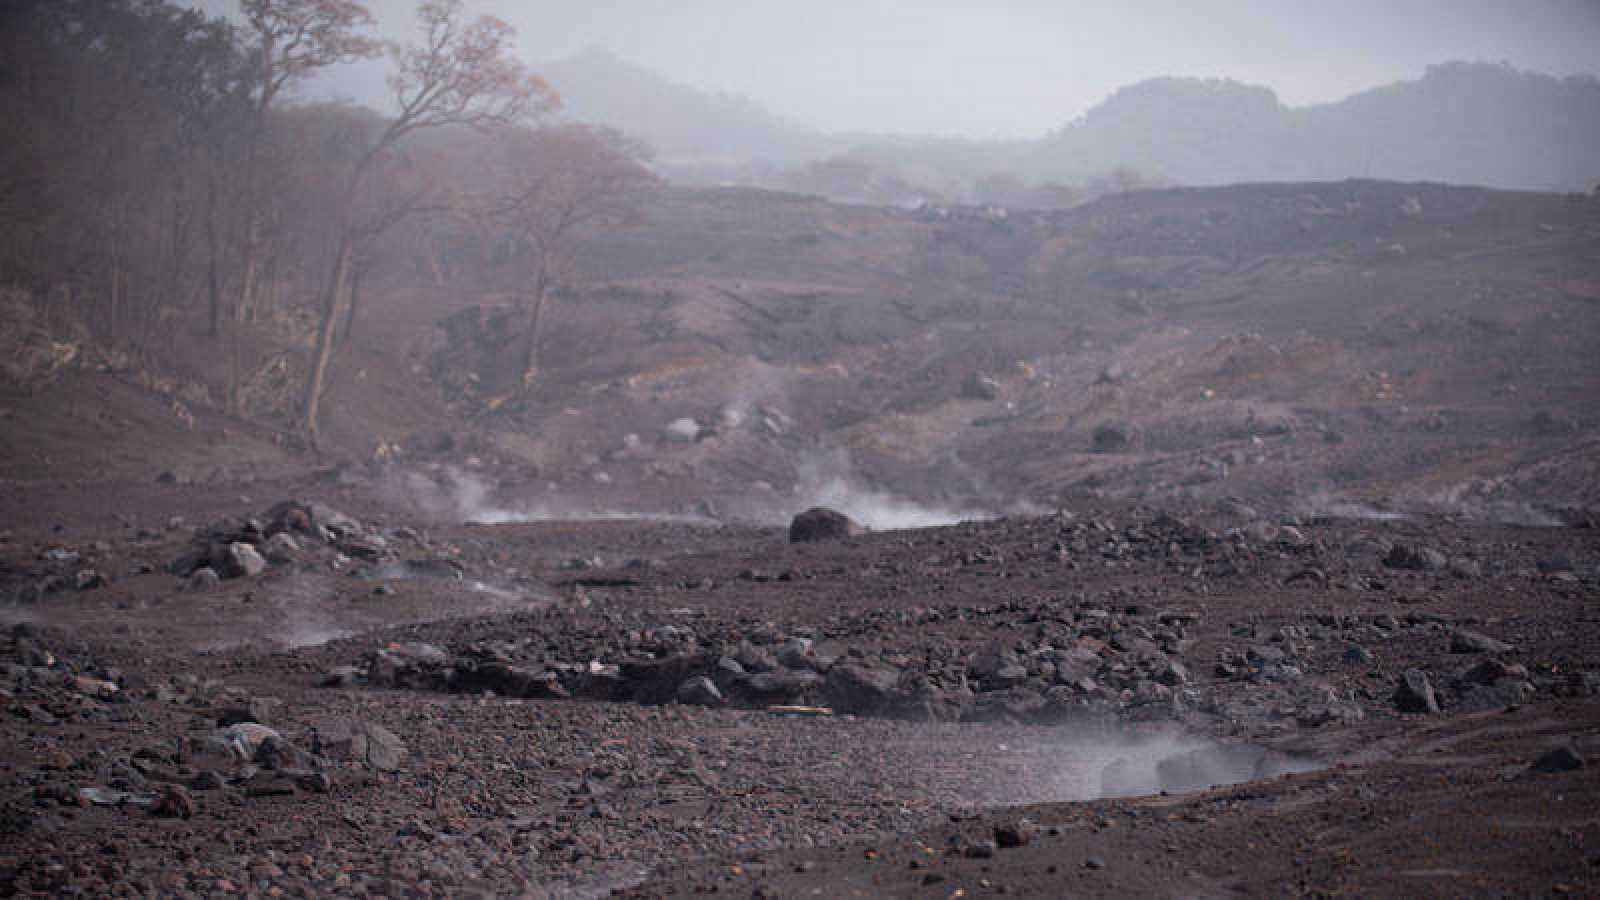 Imagen de la aldea de San Miguel Los Lotes, Escuintla (Guatemala), tras la erupción del volcán